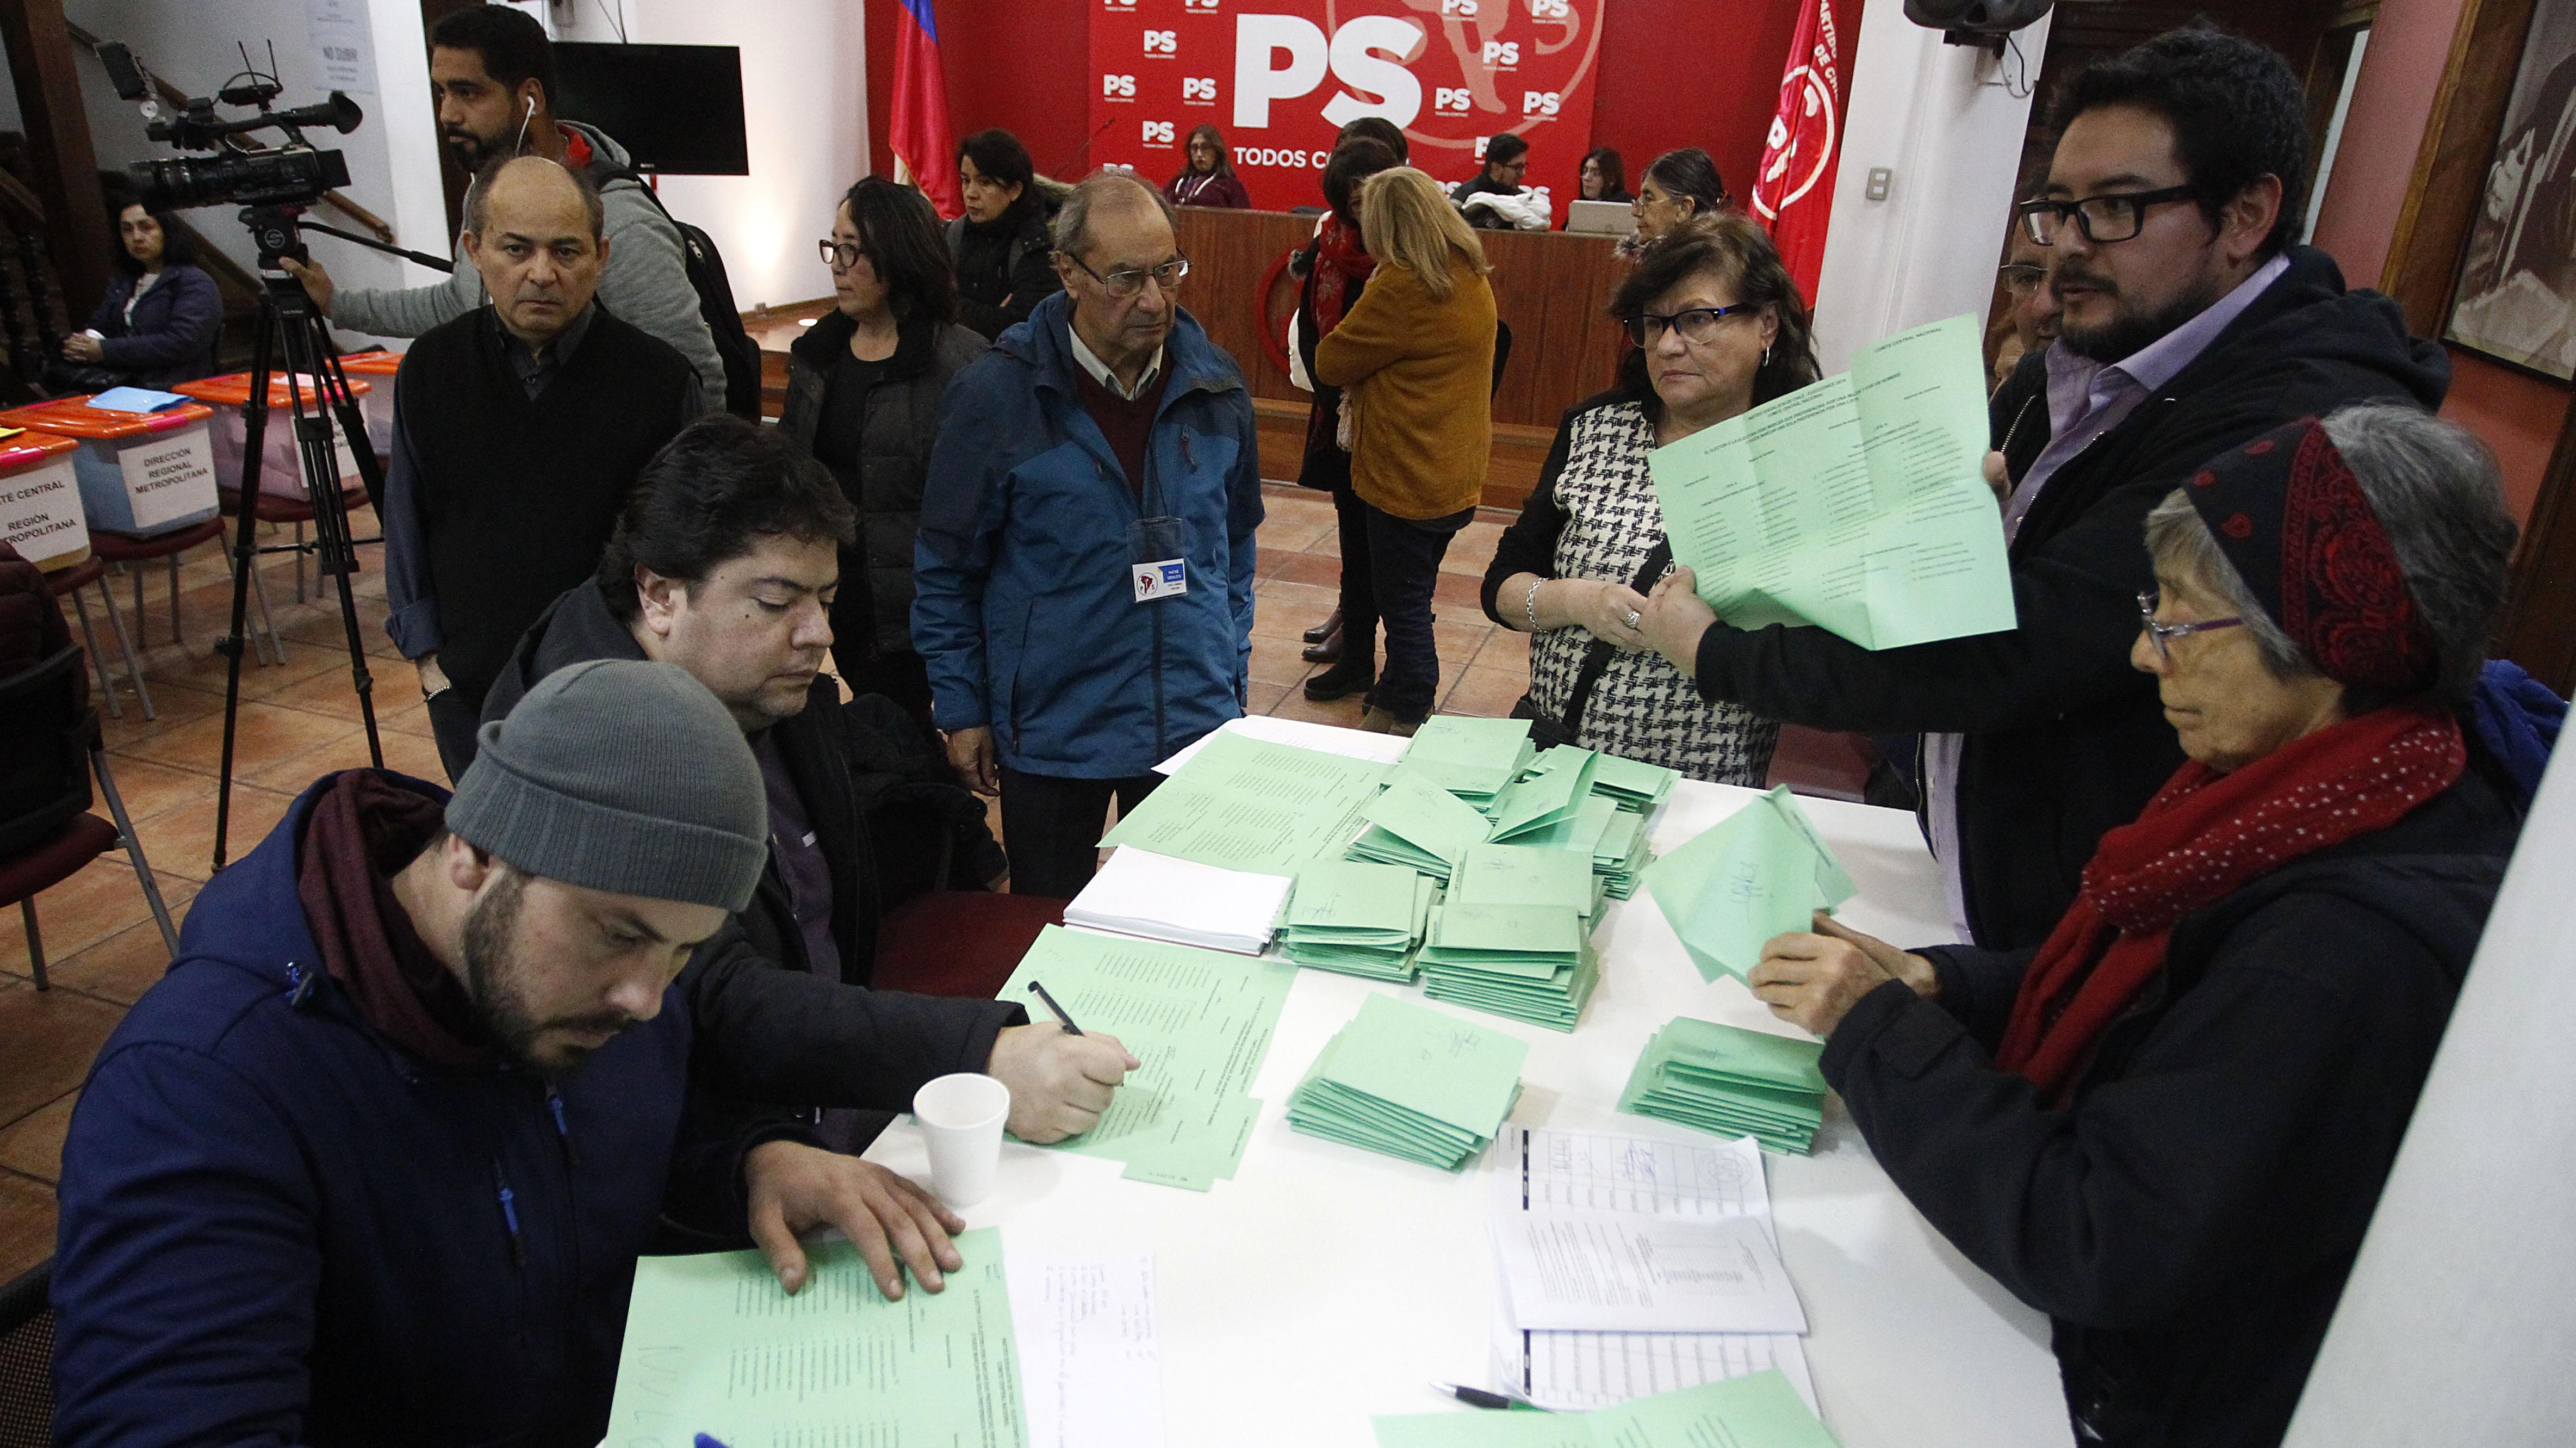 Oposición congelada y acusación constitucional tambaleando: Los coletazos de la crisis del PS en la centroizquierda